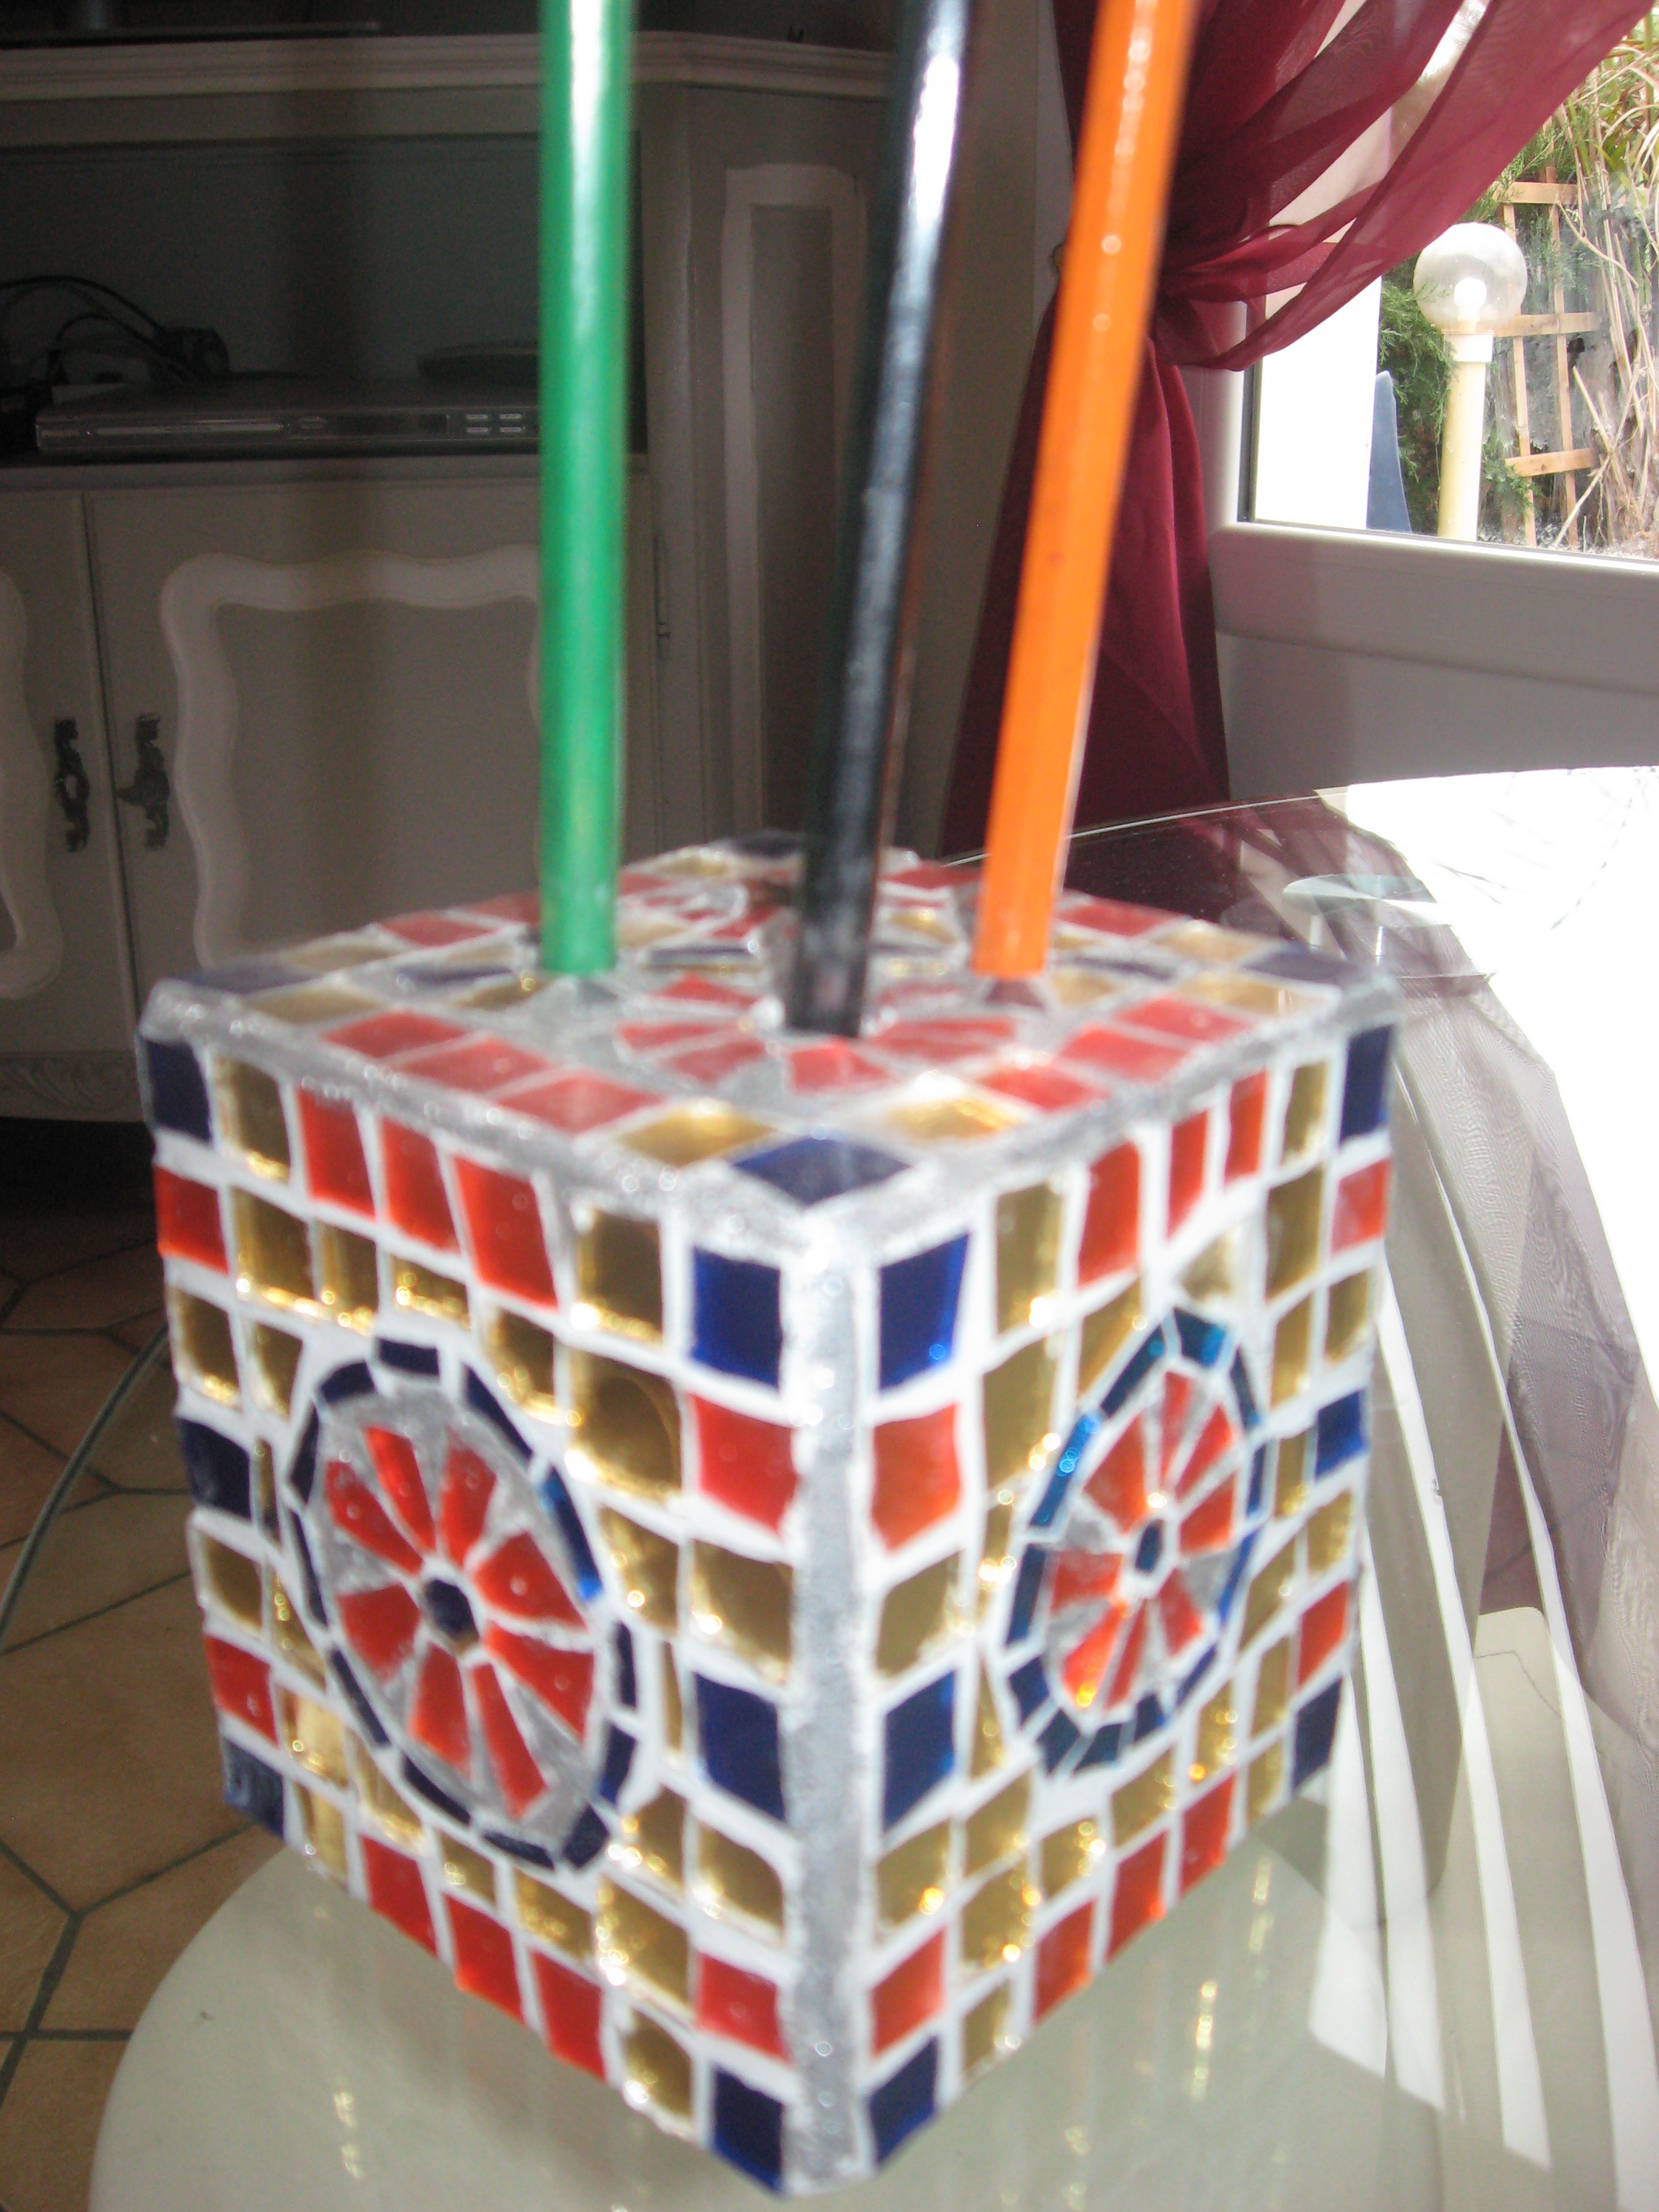 Fantastique Que Faire Avec Cube De Palette avec les cubes des palettes - nini-déco